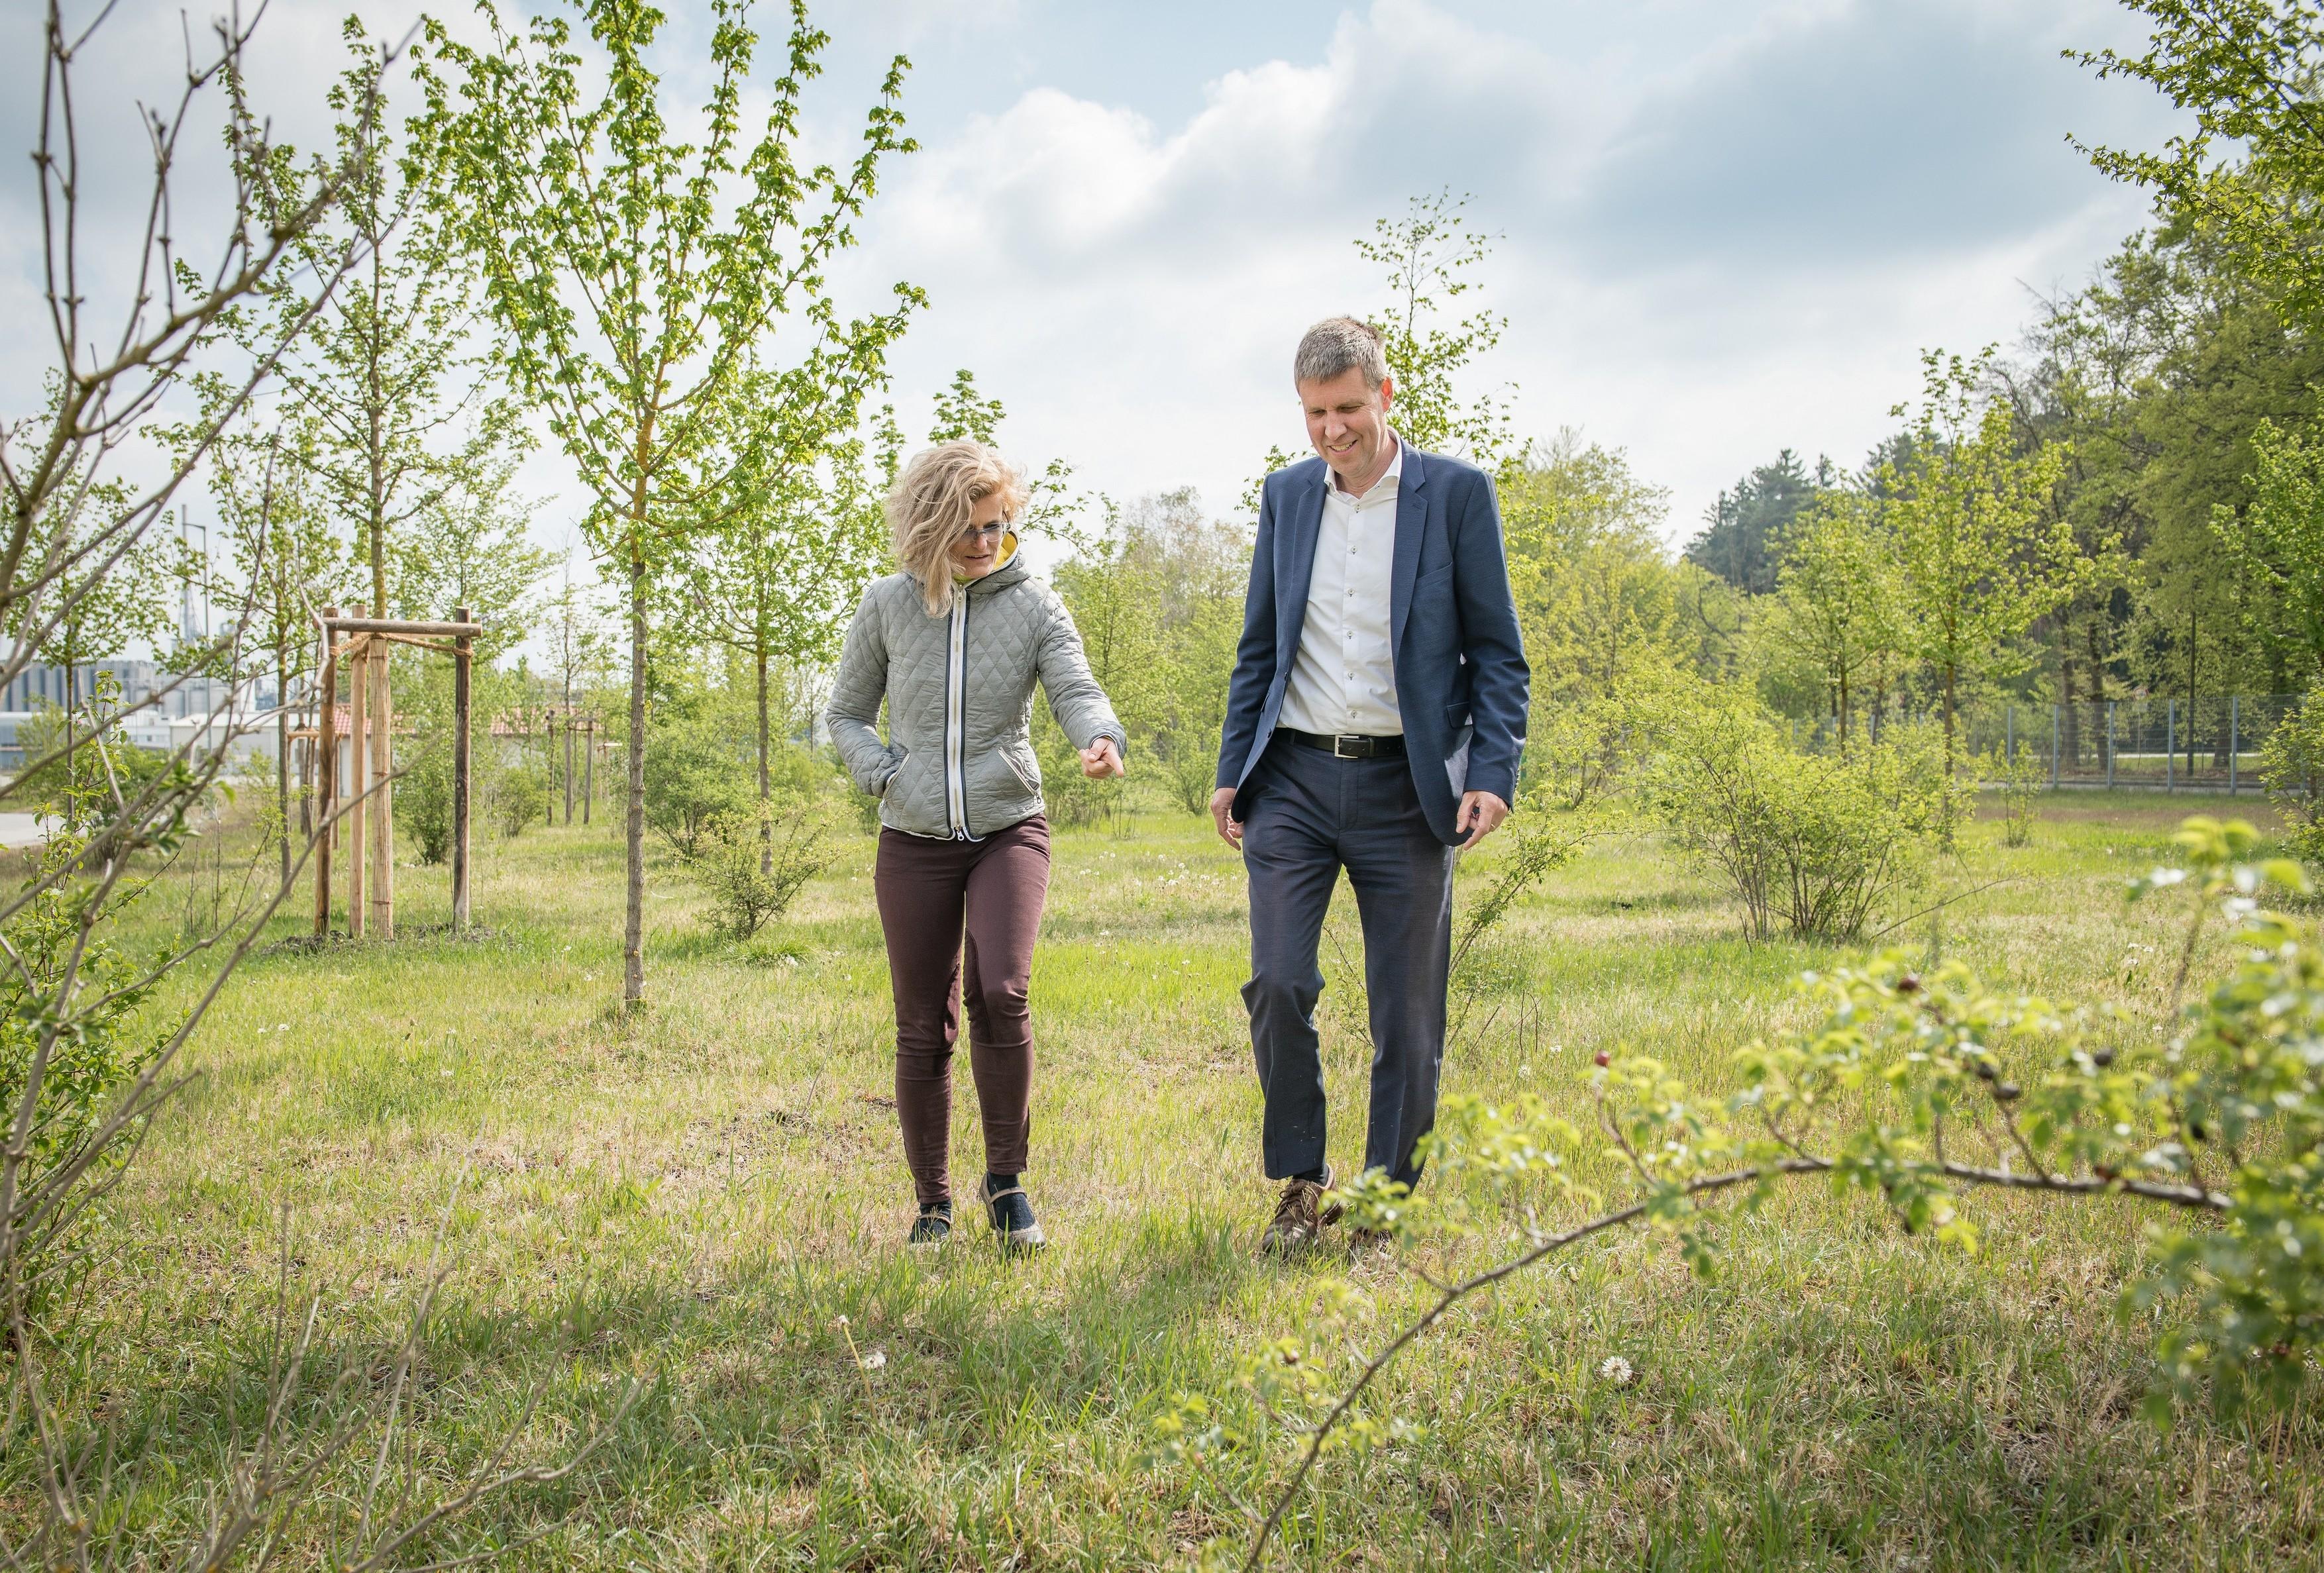 Ženska in moški, ki se sprehajata po zelenem travniku z majhnimi drevesi